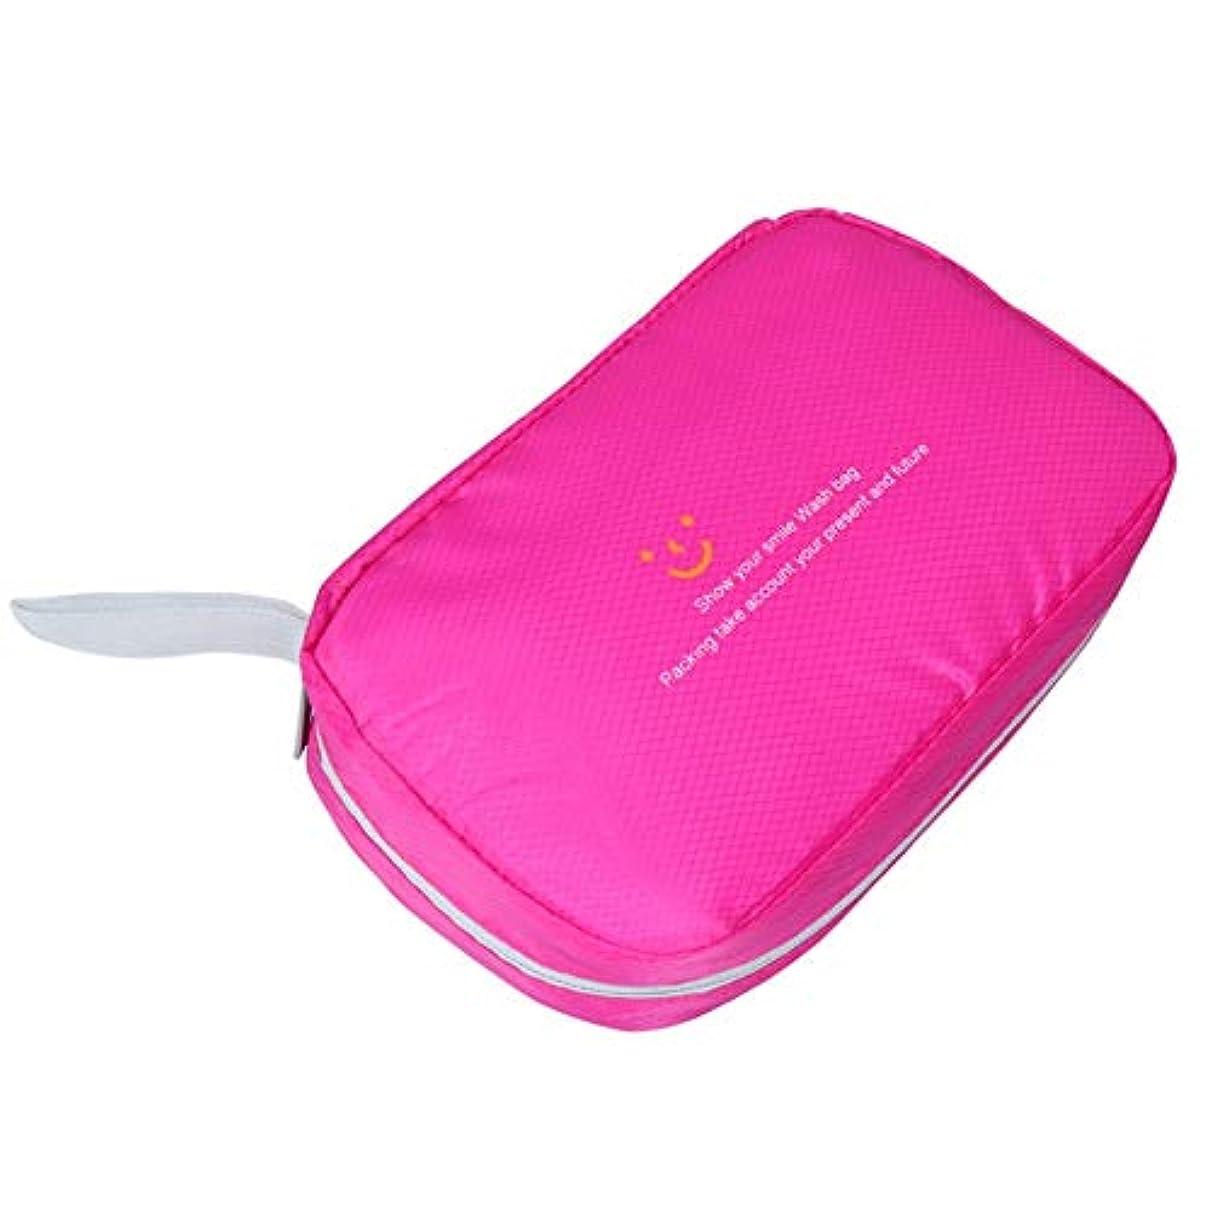 影響ジャンプするむしろ特大スペース収納ビューティーボックス 美の構造のためそしてジッパーおよび折る皿が付いている女の子の女性旅行そして毎日の貯蔵のための高容量の携帯用化粧品袋 化粧品化粧台 (色 : ピンク)